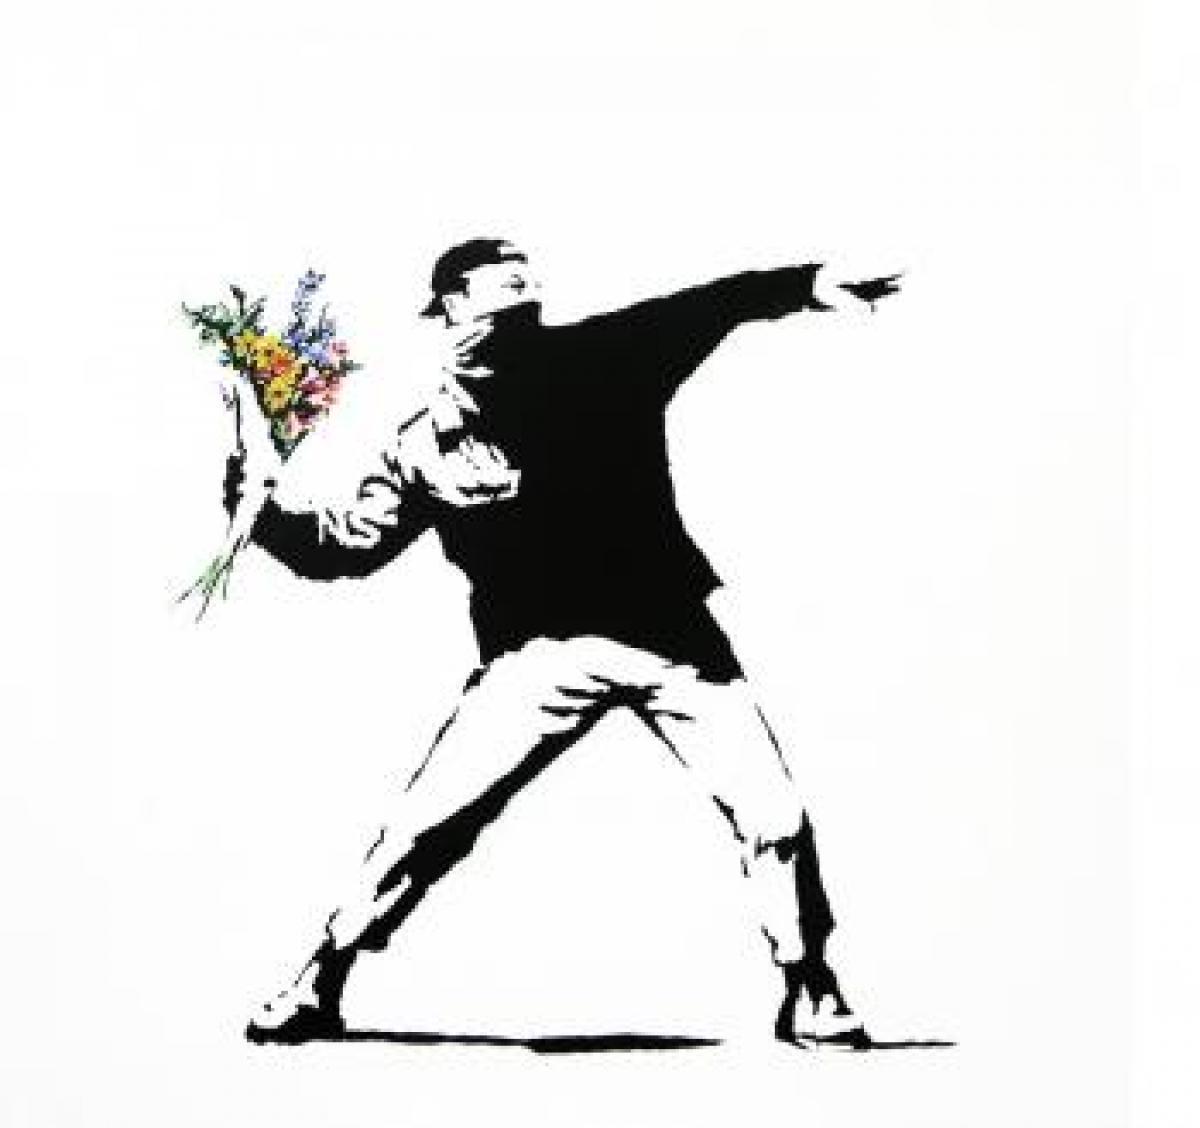 A világ leghíresebb graffiti mûvésze: Banksy